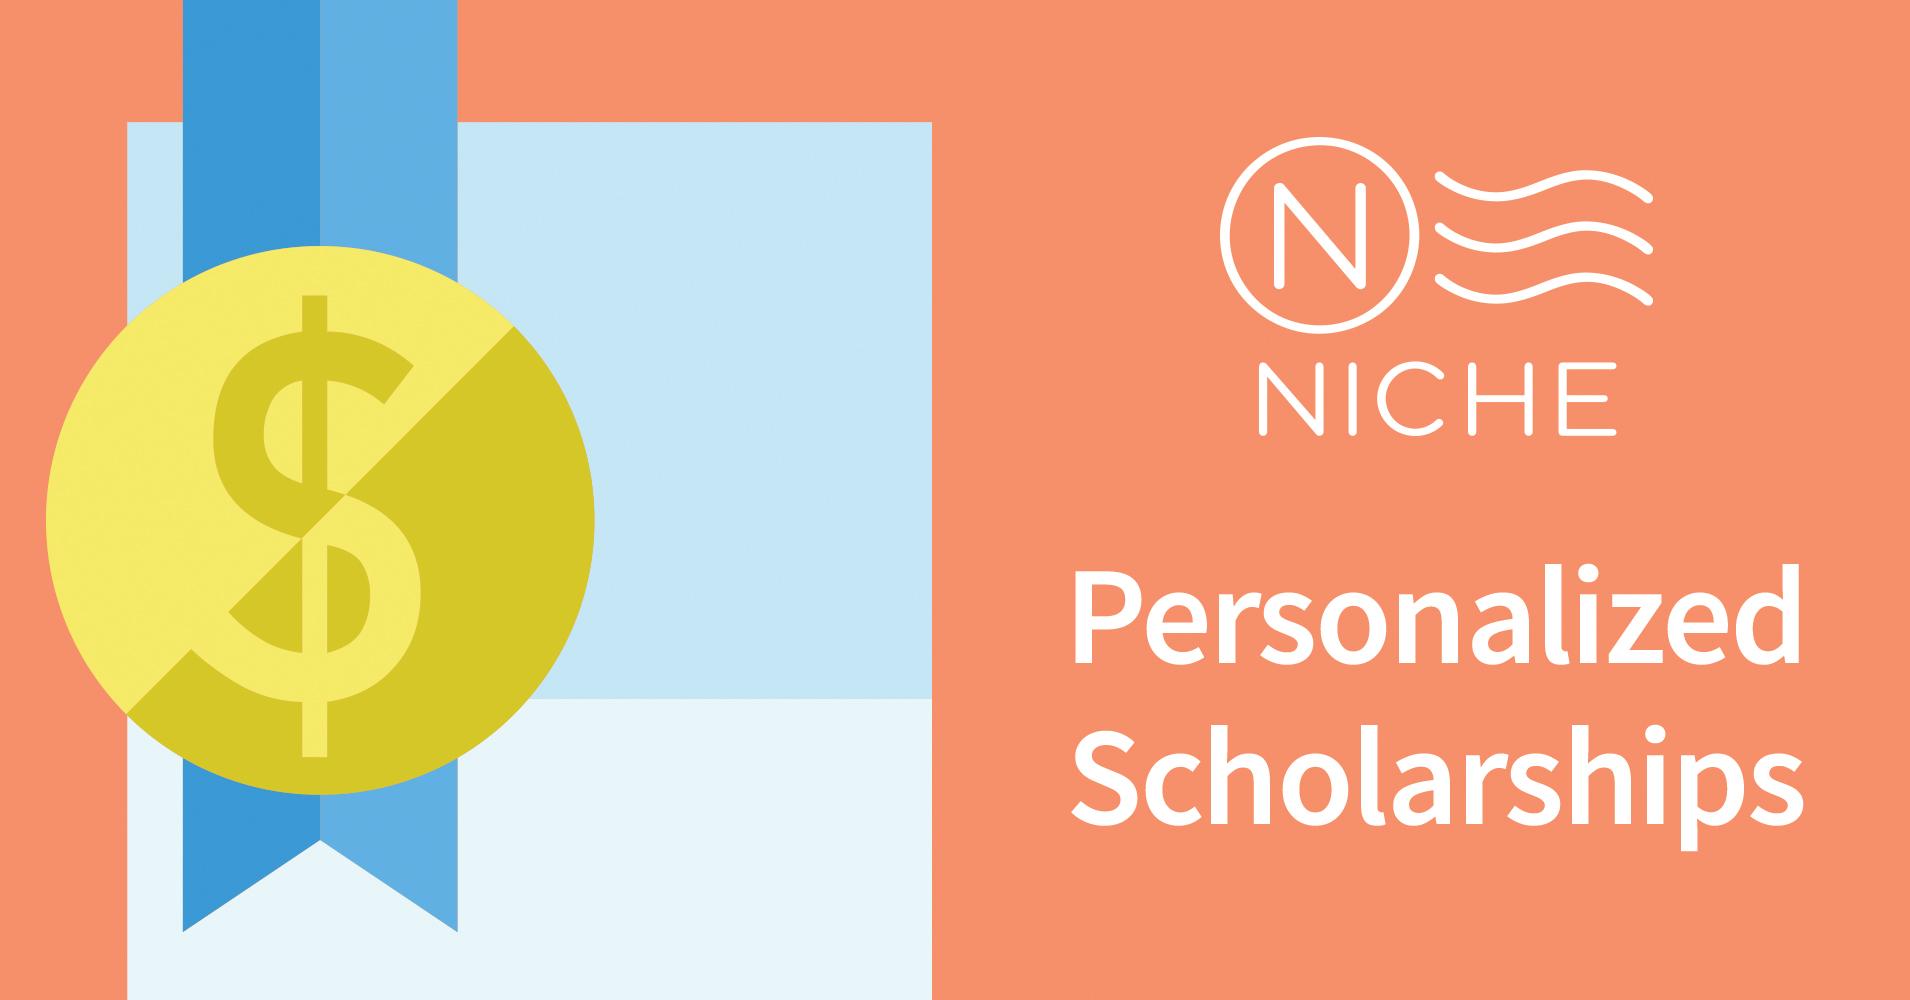 socialshare-generic-scholarships-v1.jpg